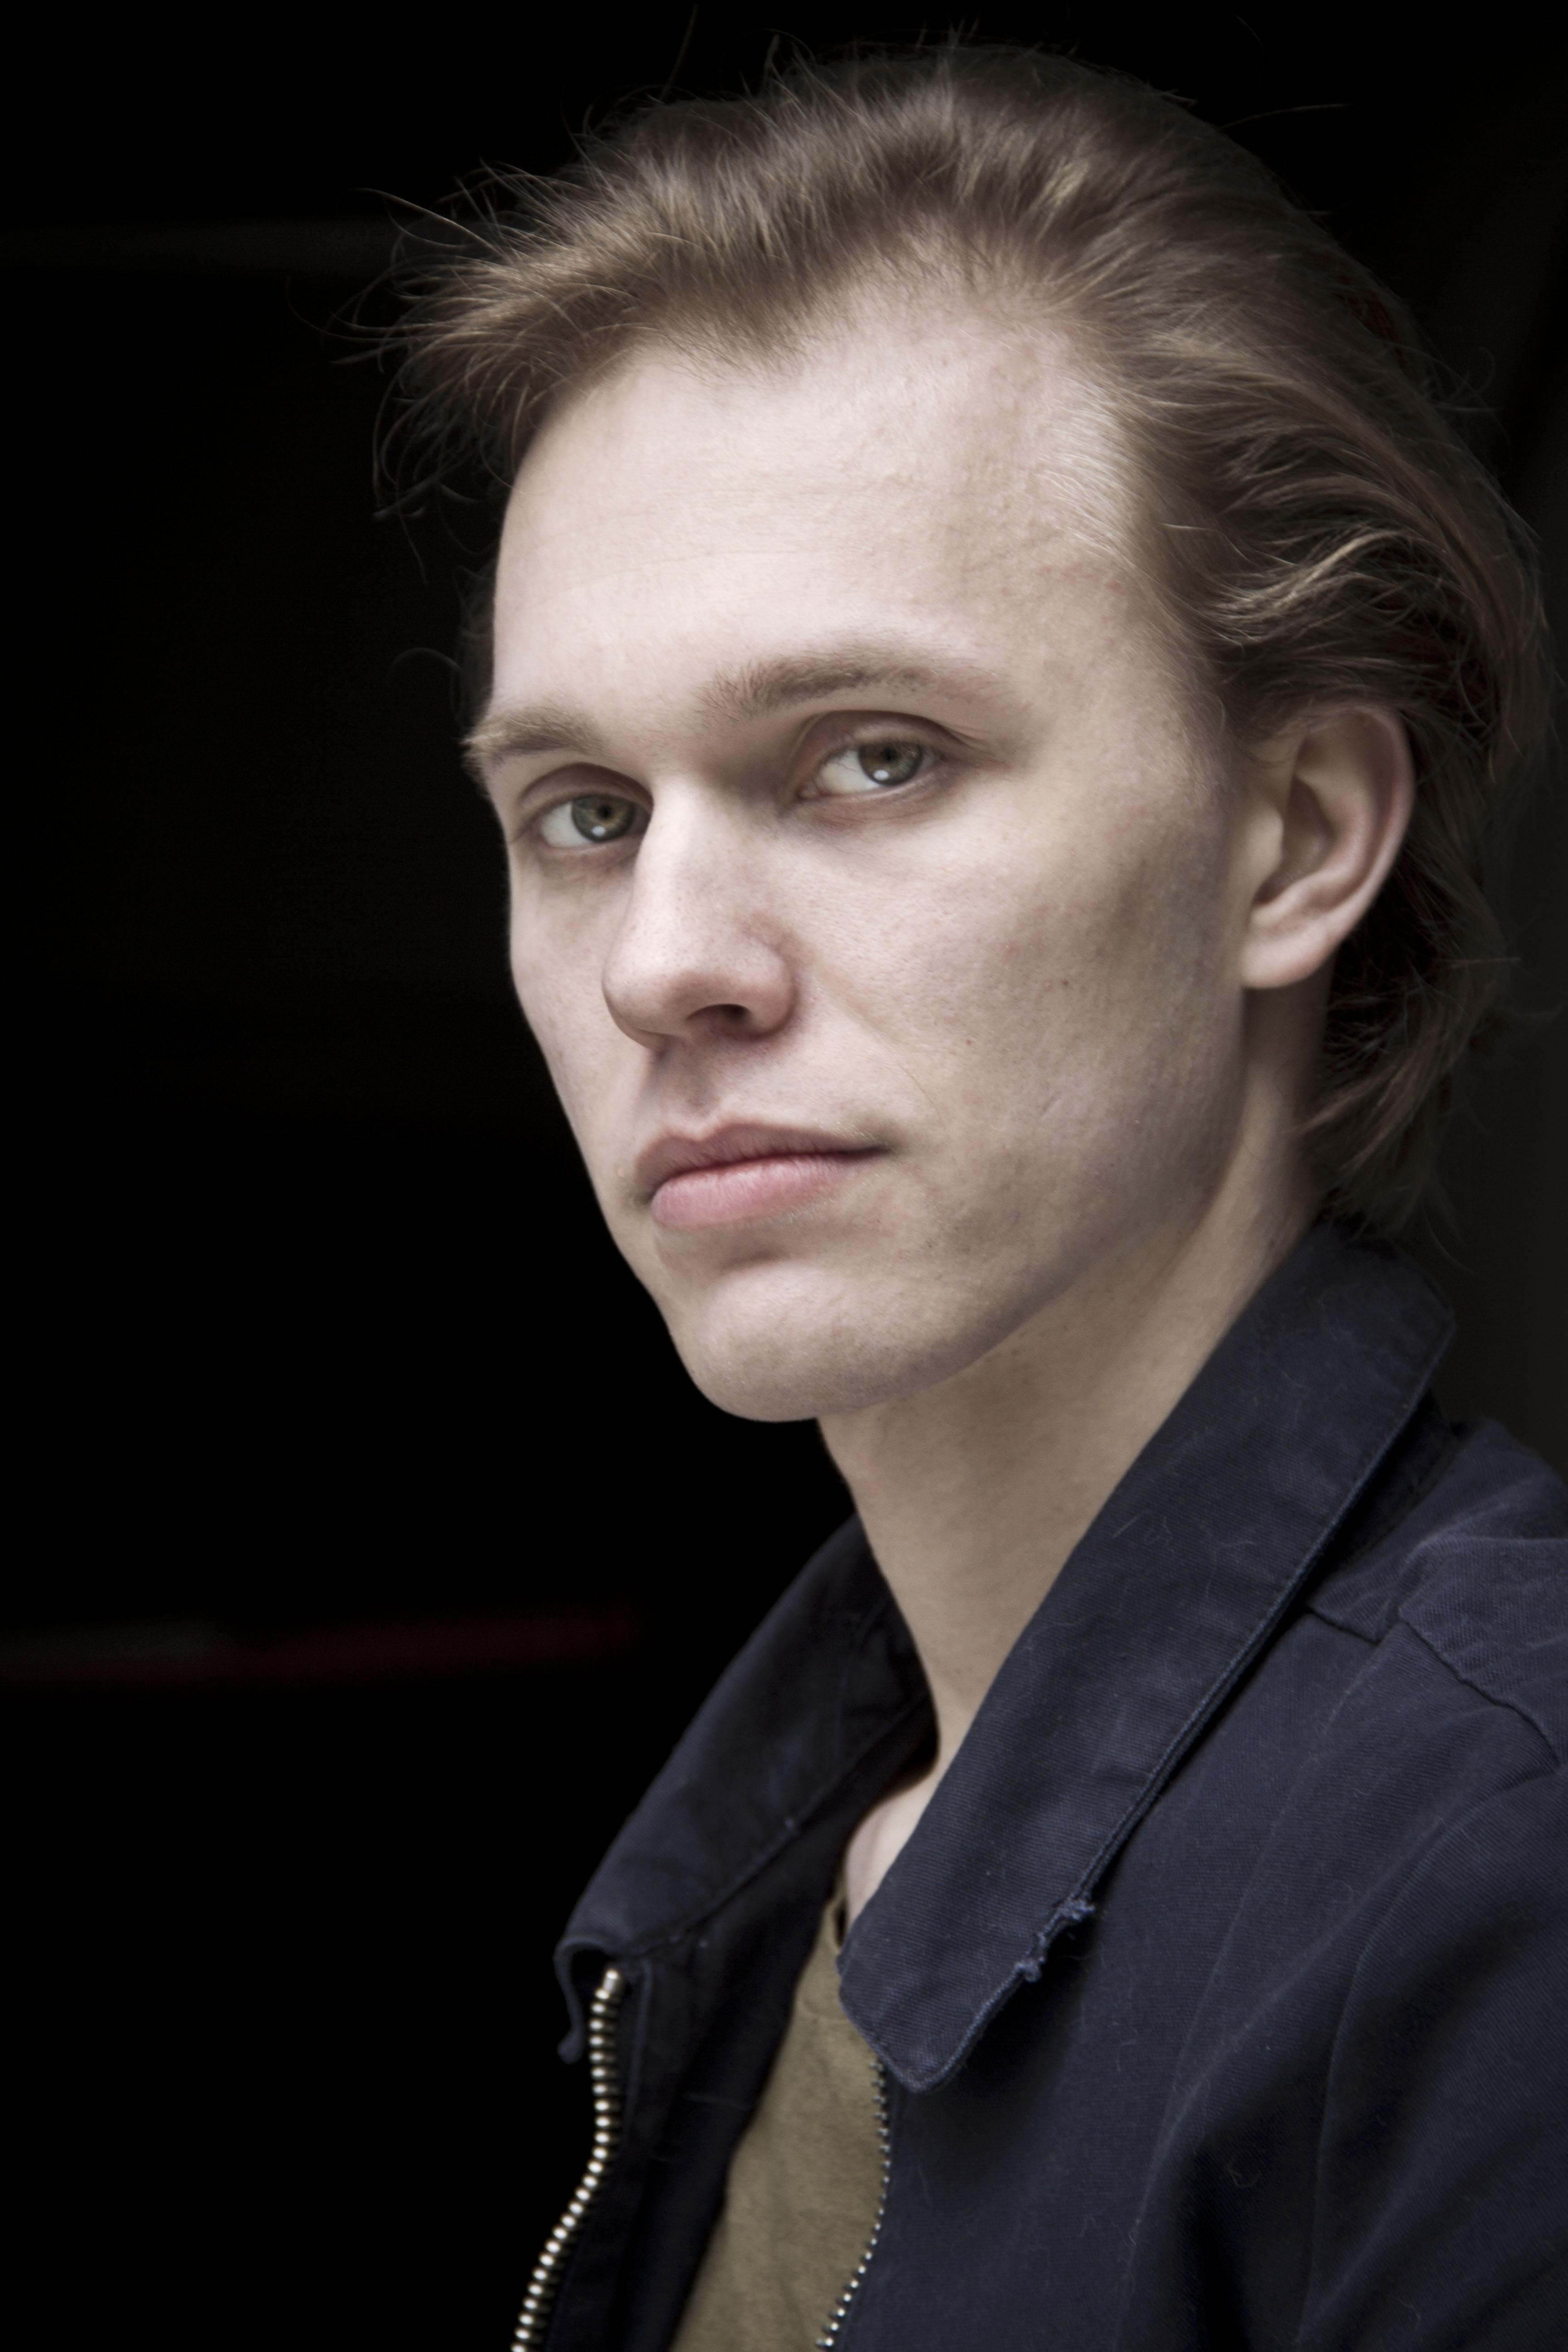 Tristan_Bumm_Actor_Gallery_8